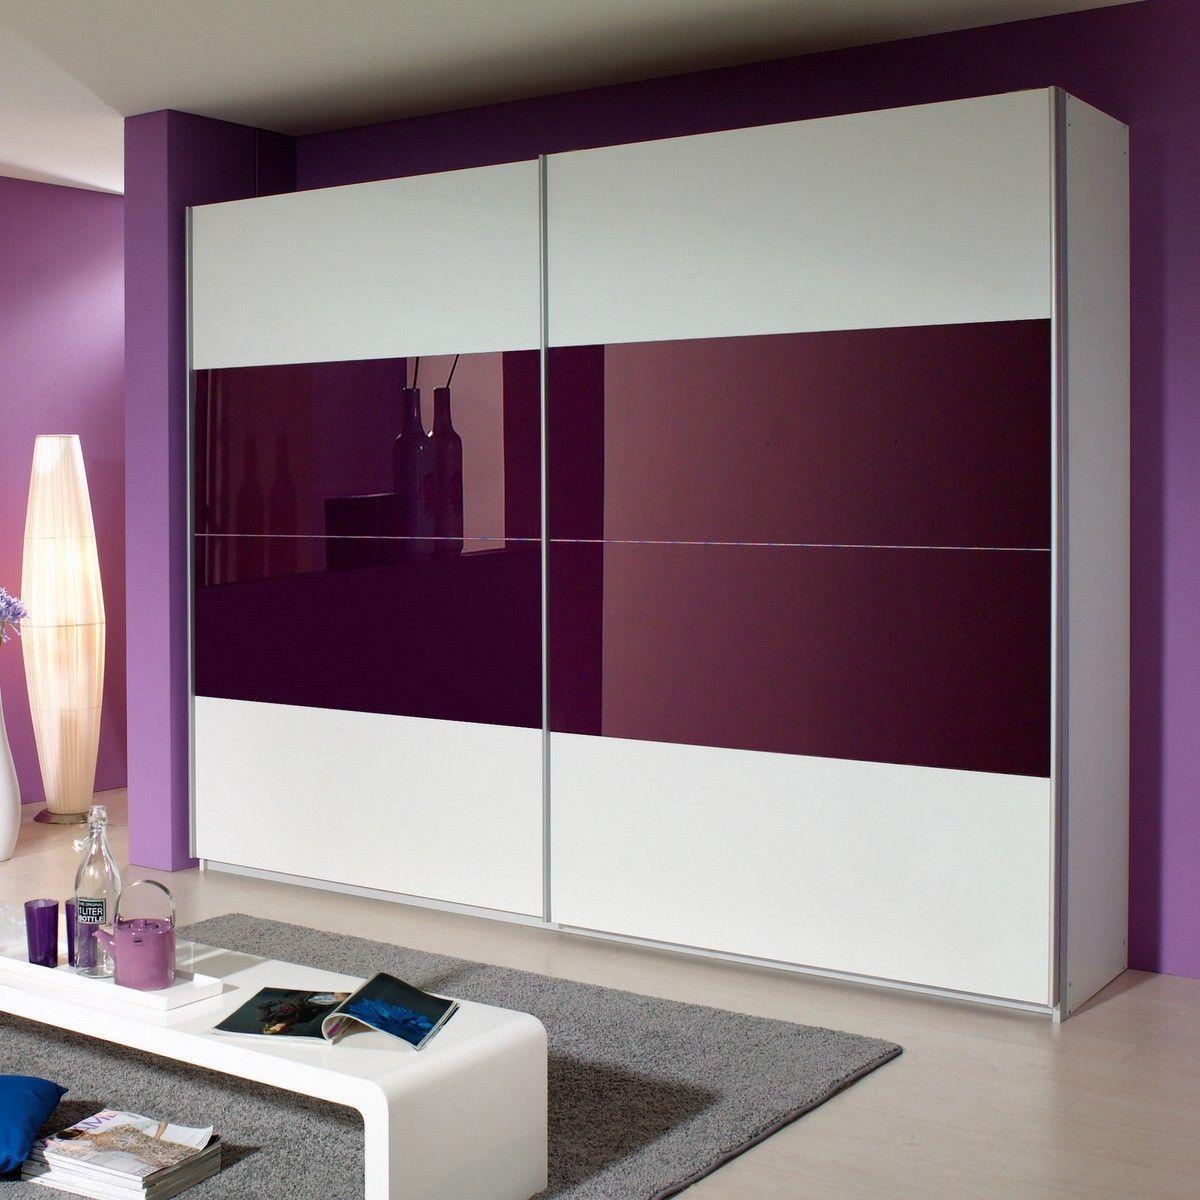 Schwebetürenschrank Quadra in Weiß / Lila 226 cm | Wardrobe design ...